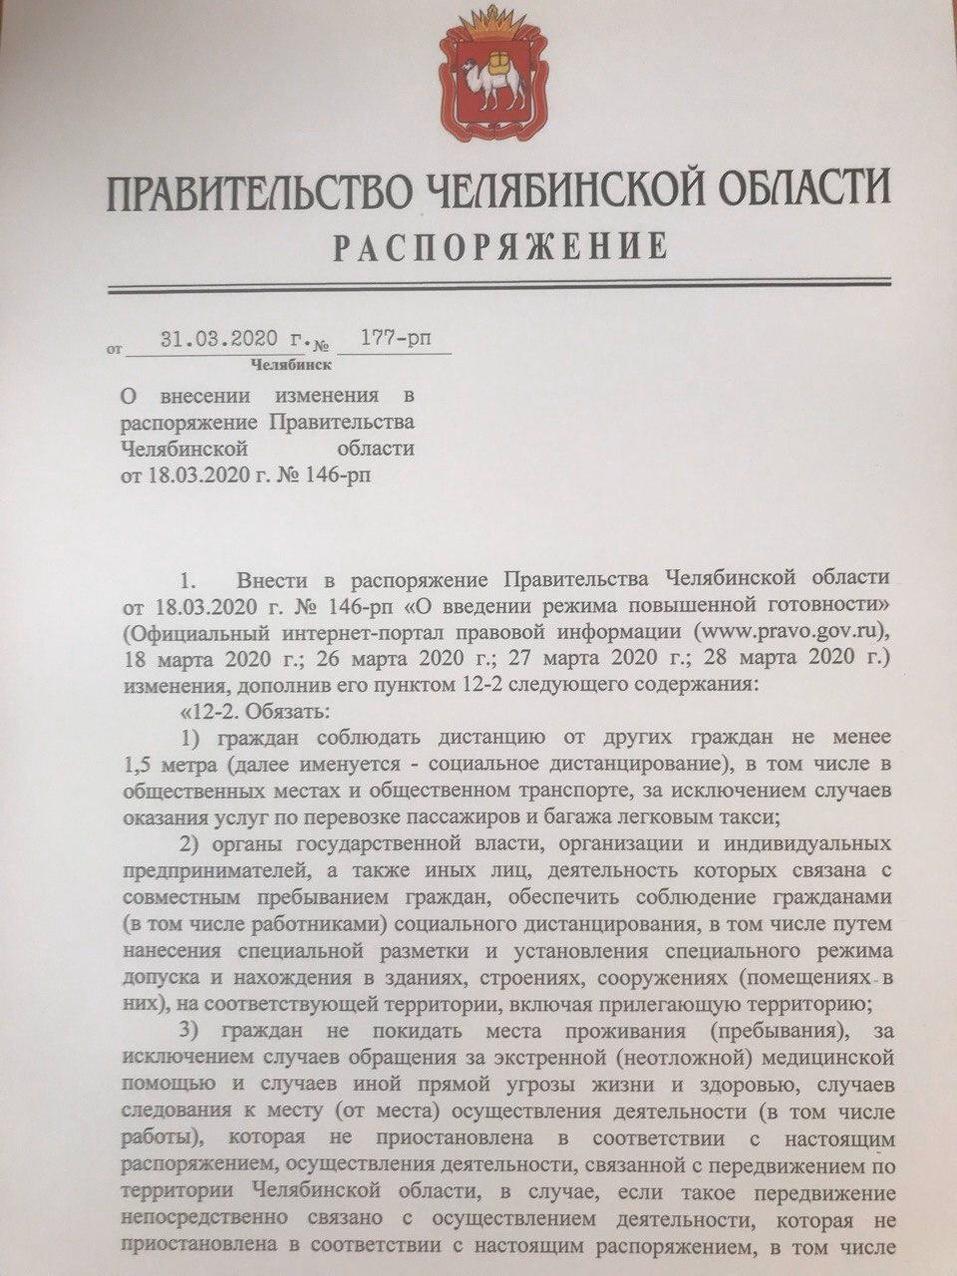 В Челябинской области объявлен карантин: нельзя выходить из дома  1